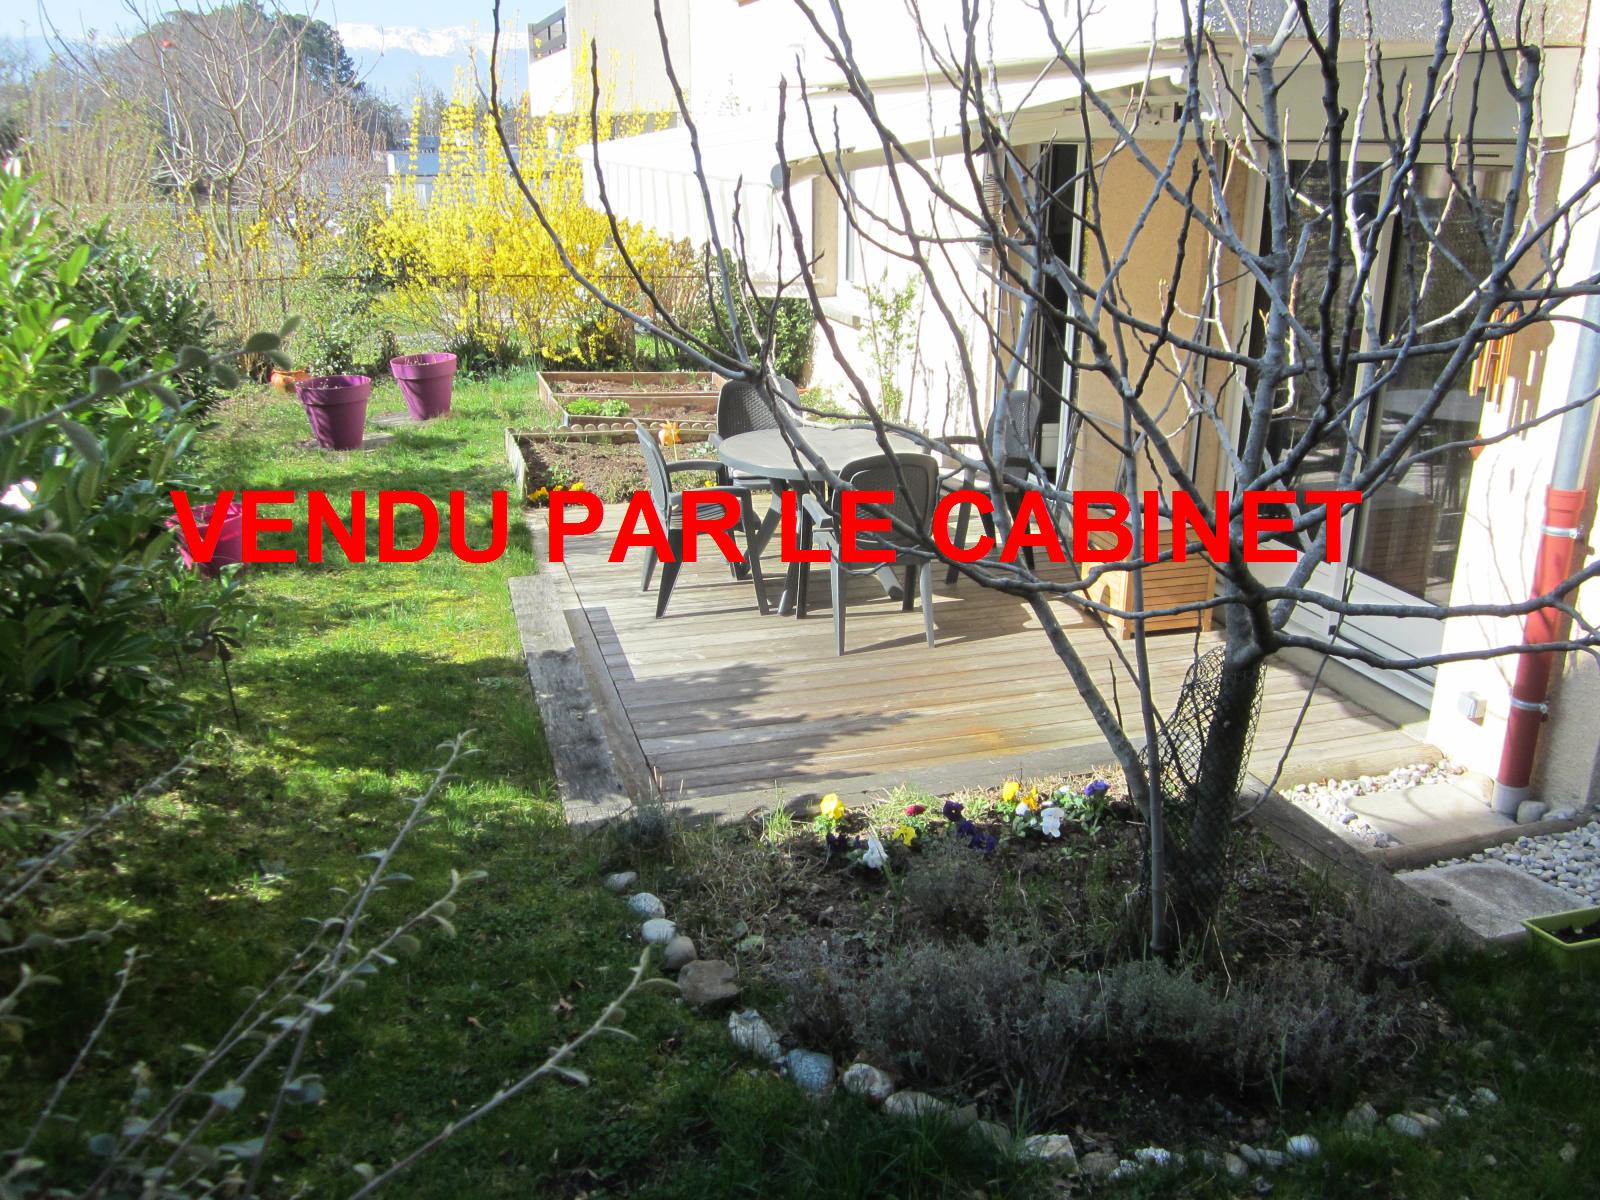 EXCLUSIVITE St Julien-en-Genevois Appartement T2 en Rez-de-Jardin, état impeccable et situation idéale ! VENDU PAR LE CABINET